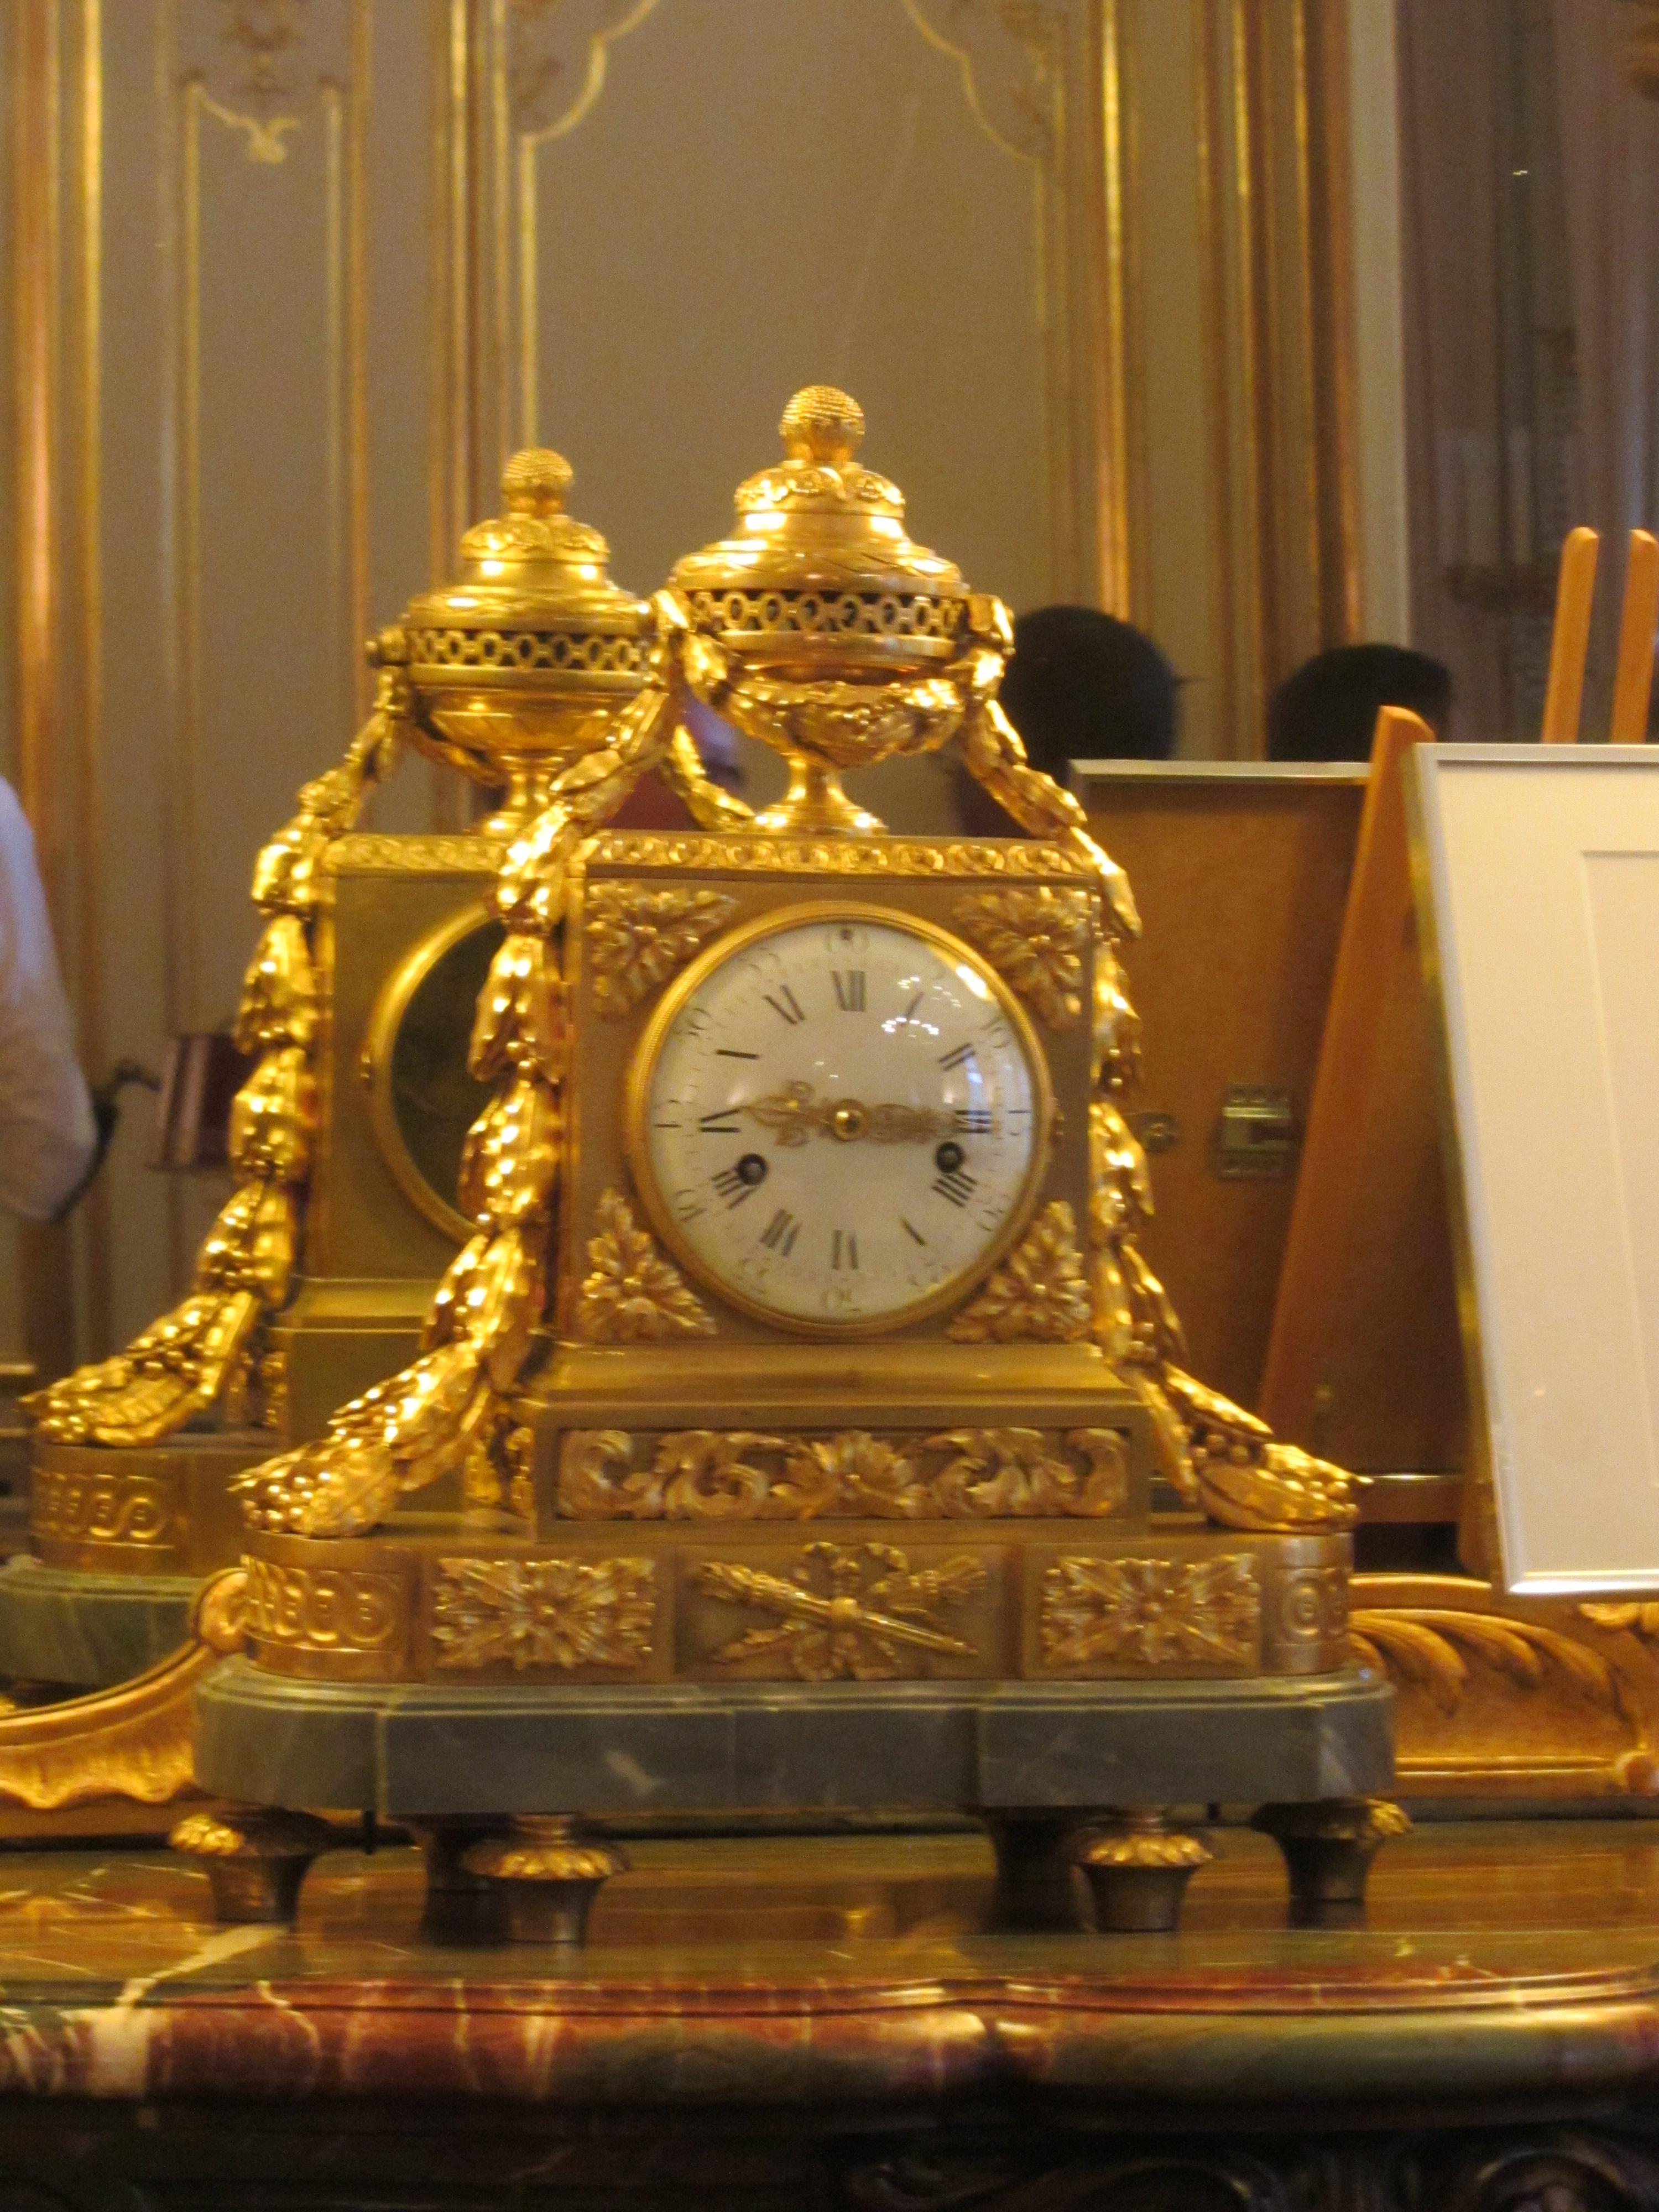 Horloge De Bureau Originale file:hôtel matignon - bureau du premier ministre horloge